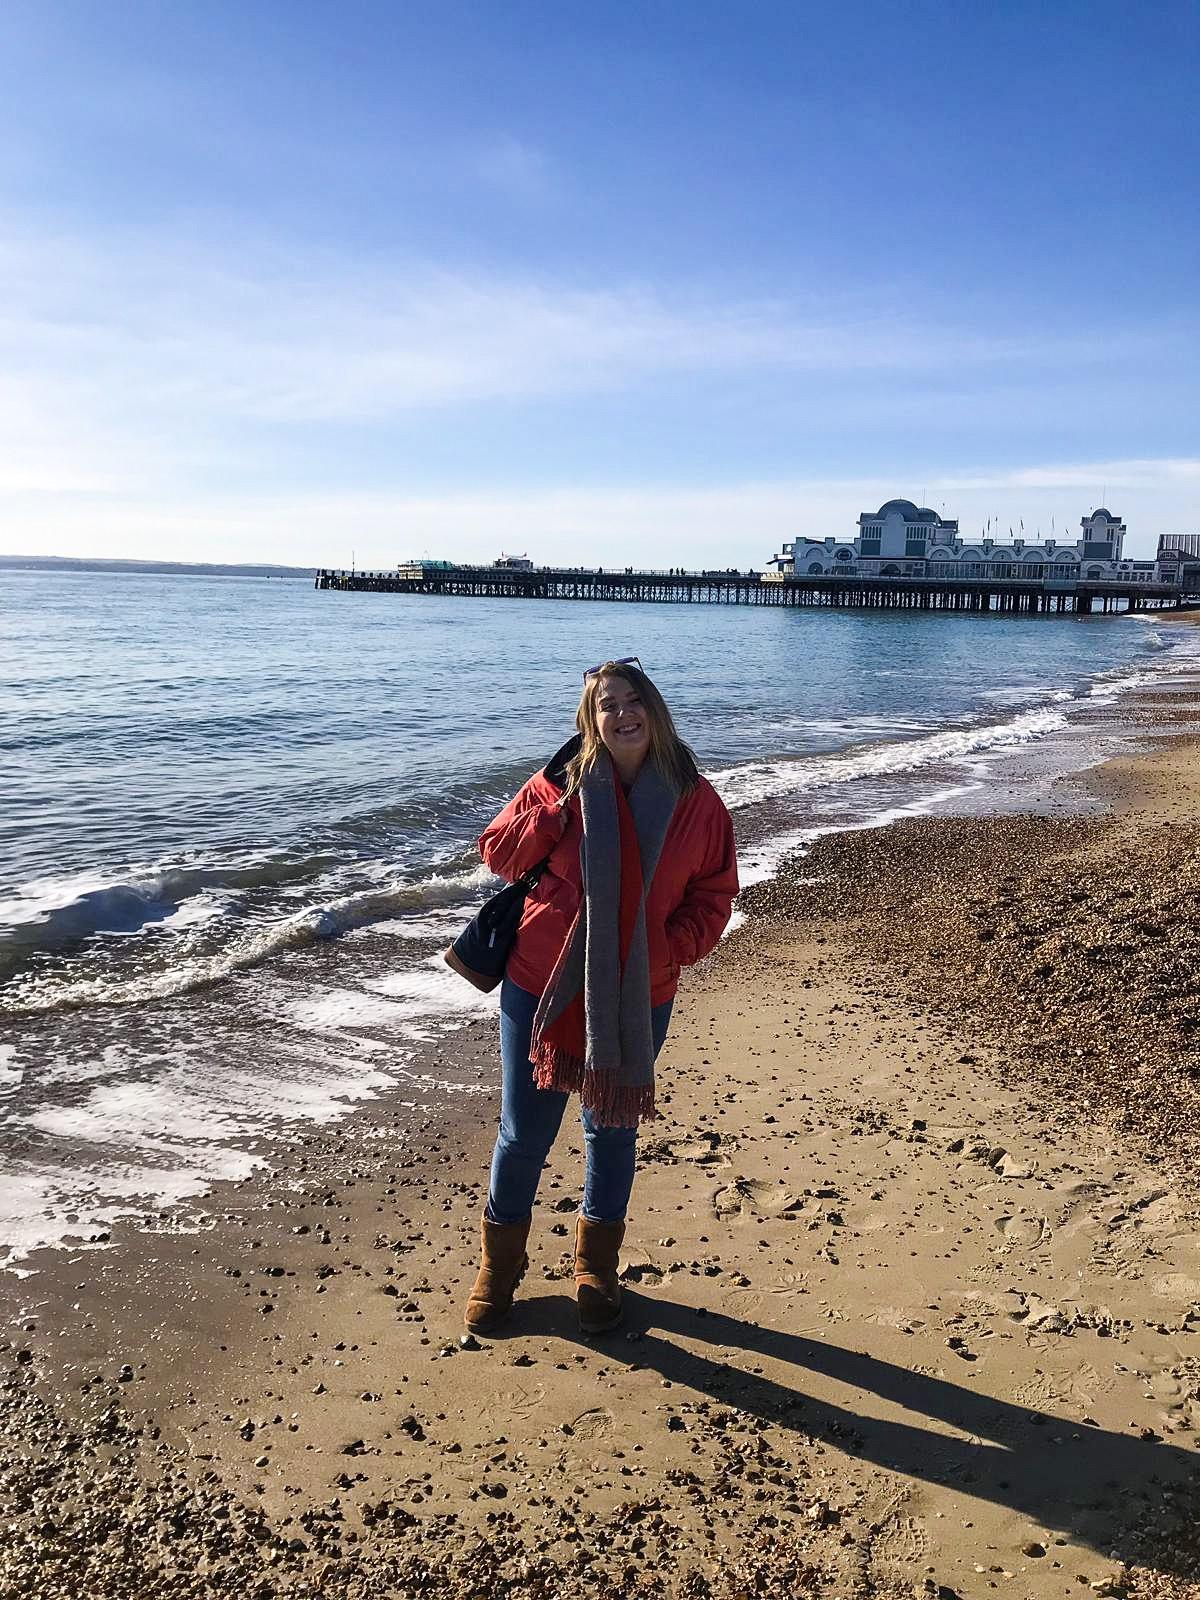 southsea beach portsmouth